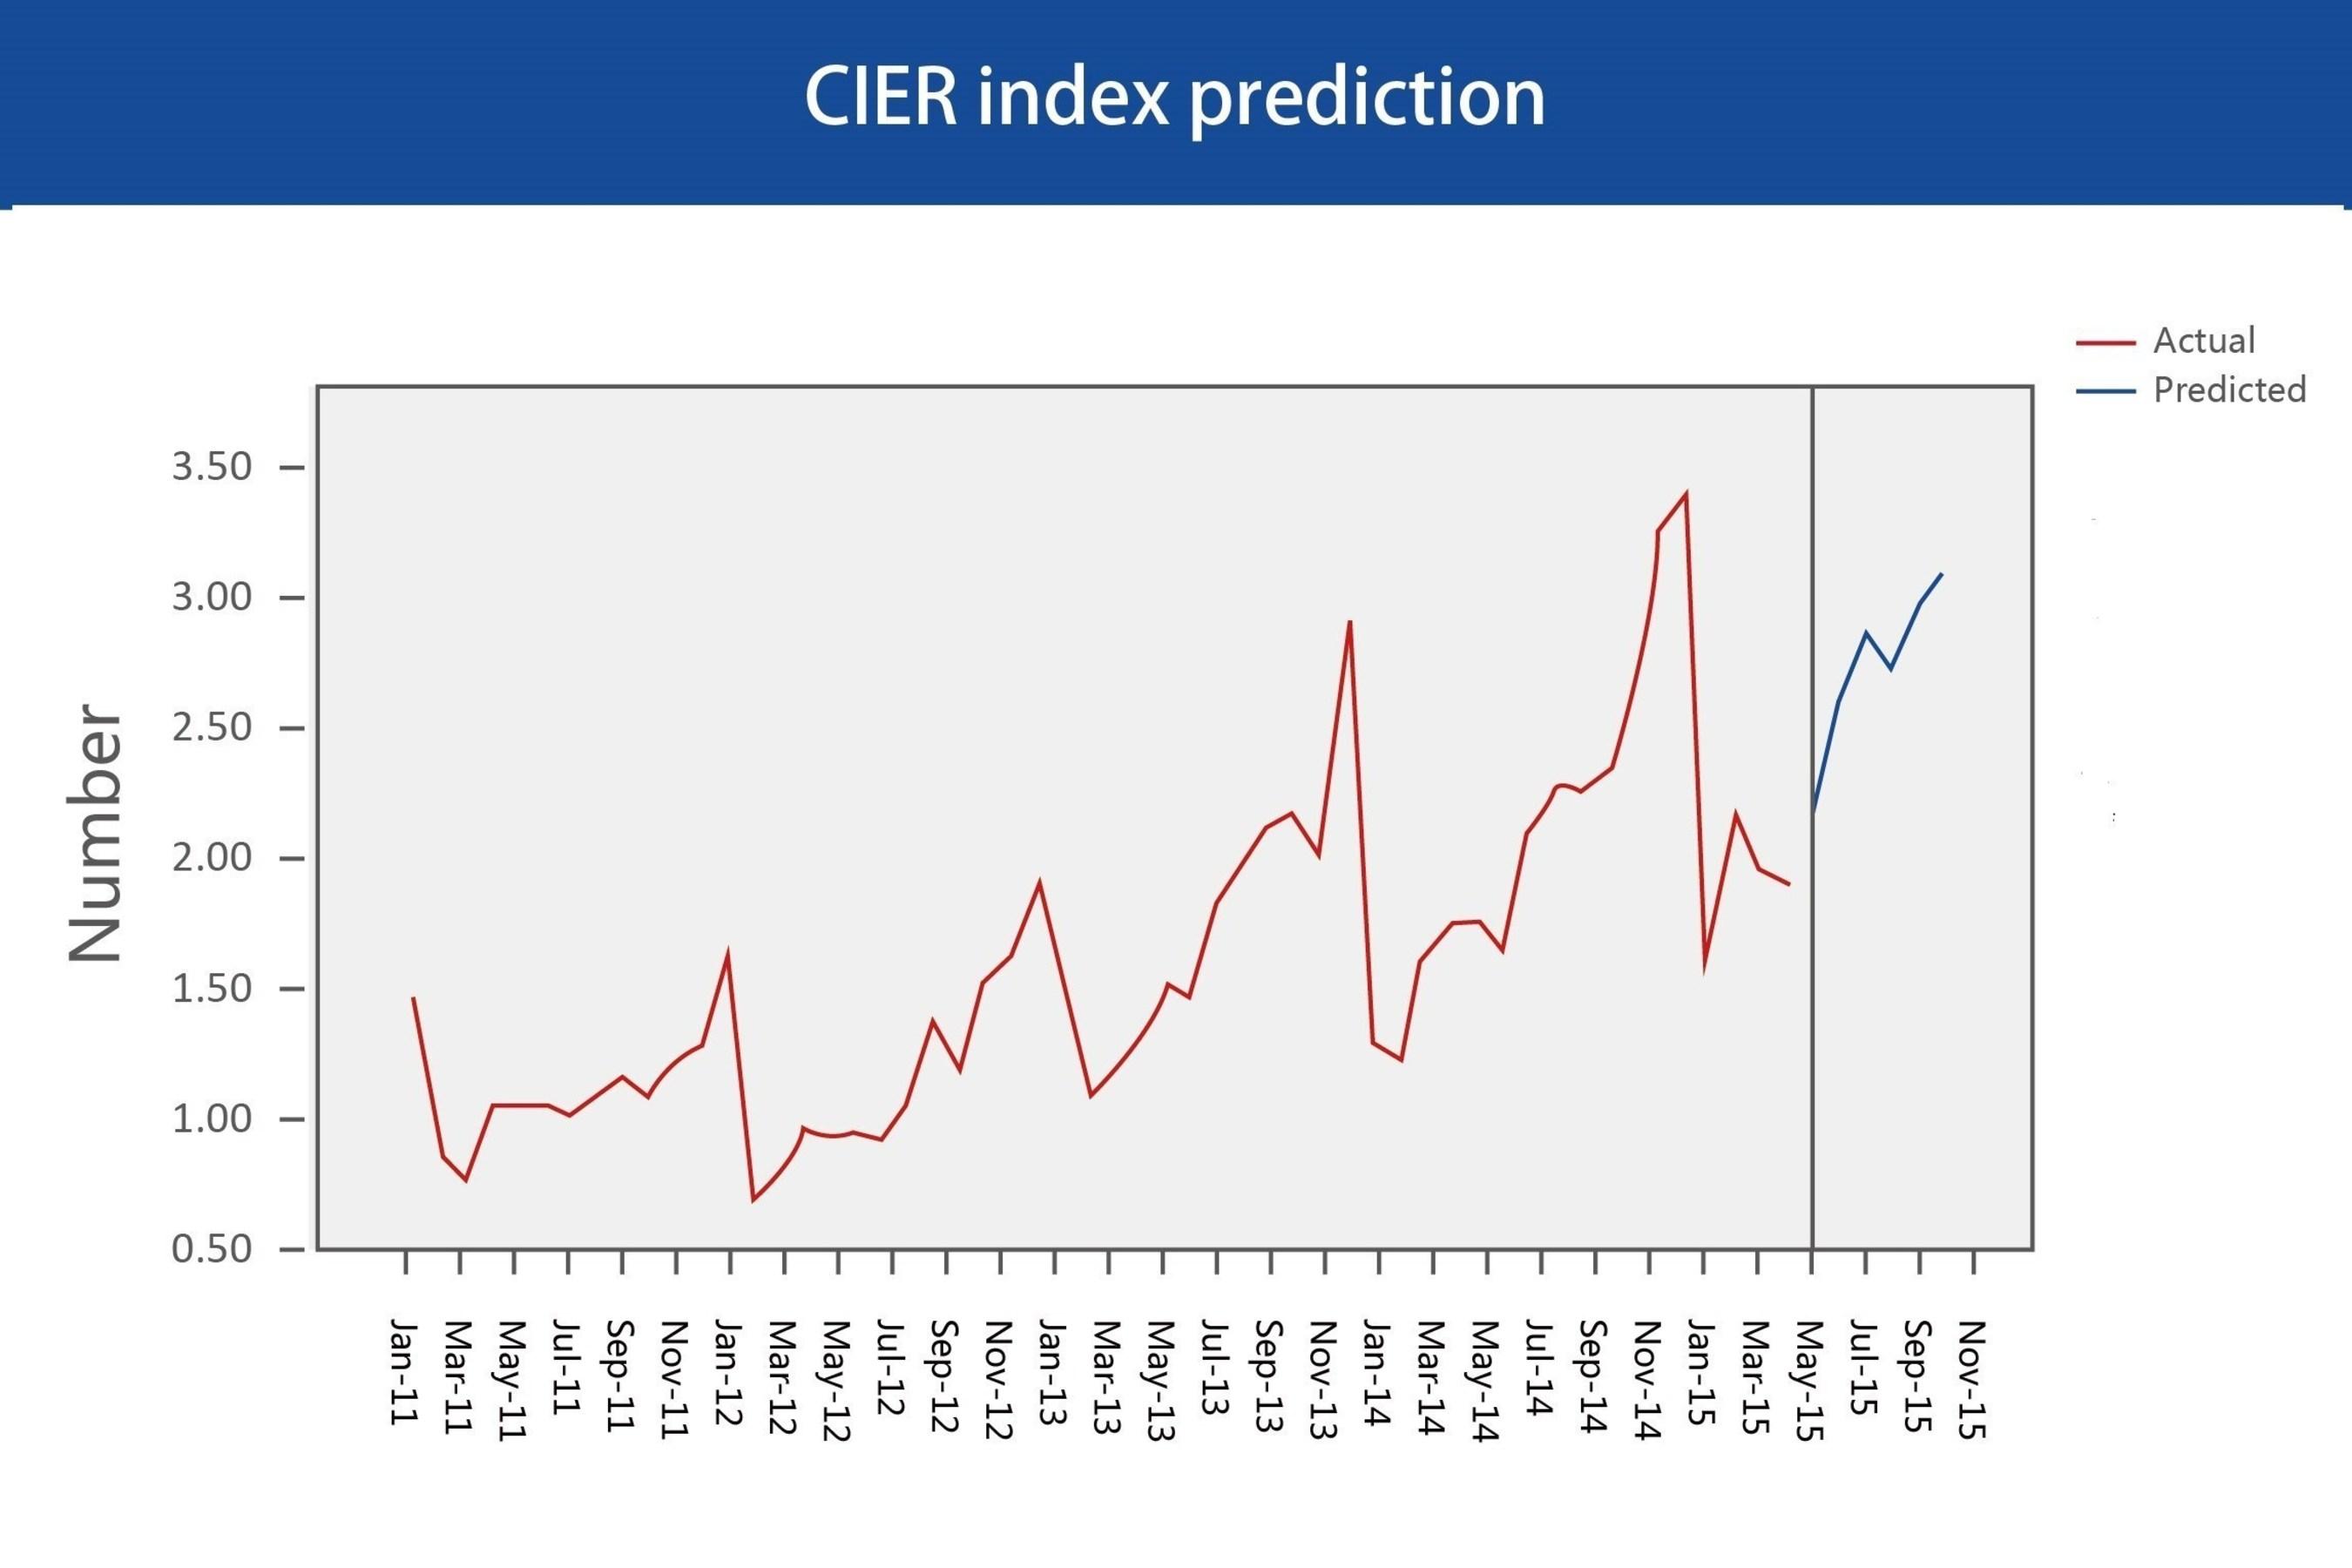 CIER index prediction